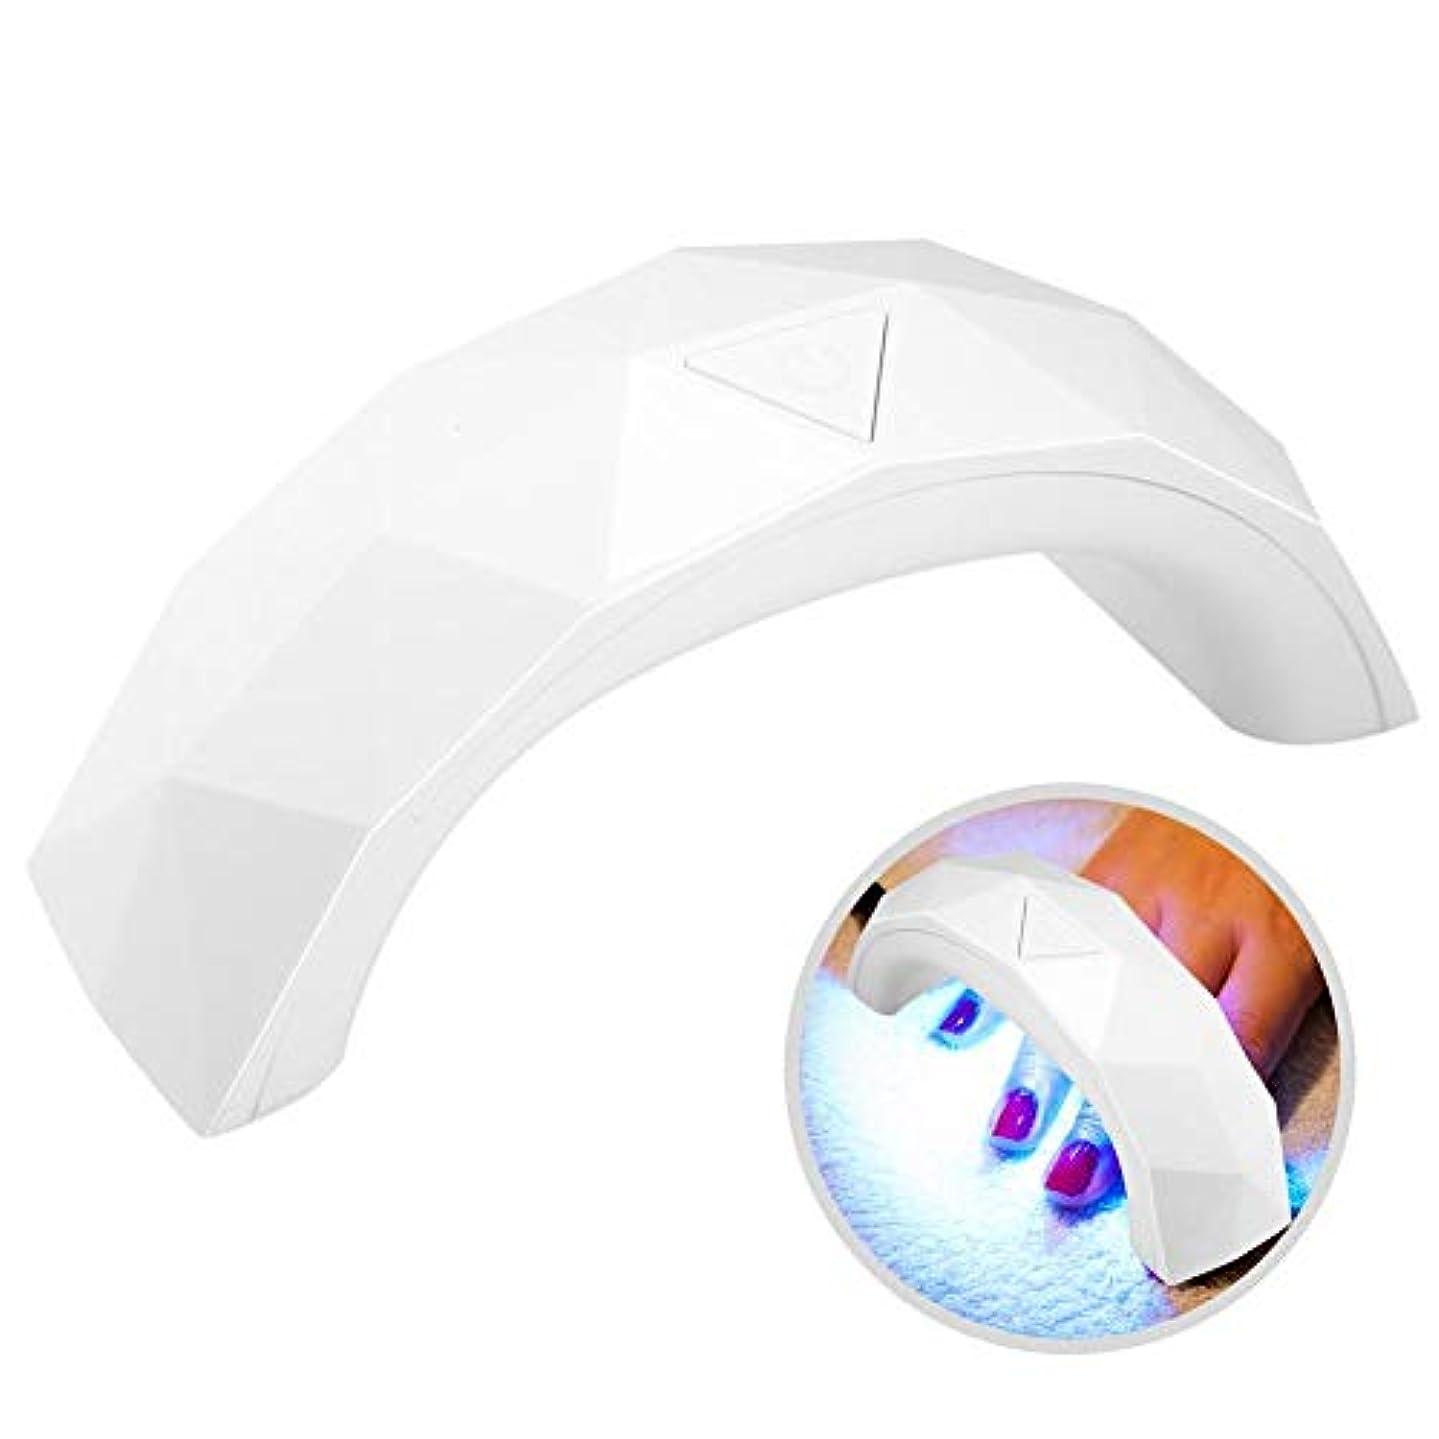 興奮バラバラにするそれによってLEDネイルライト,ネイルドライヤー60 sタイミング紫外線ジェルネイルポリッシュドライ硬化マニキュアusbネイルポリッシュドライヤー